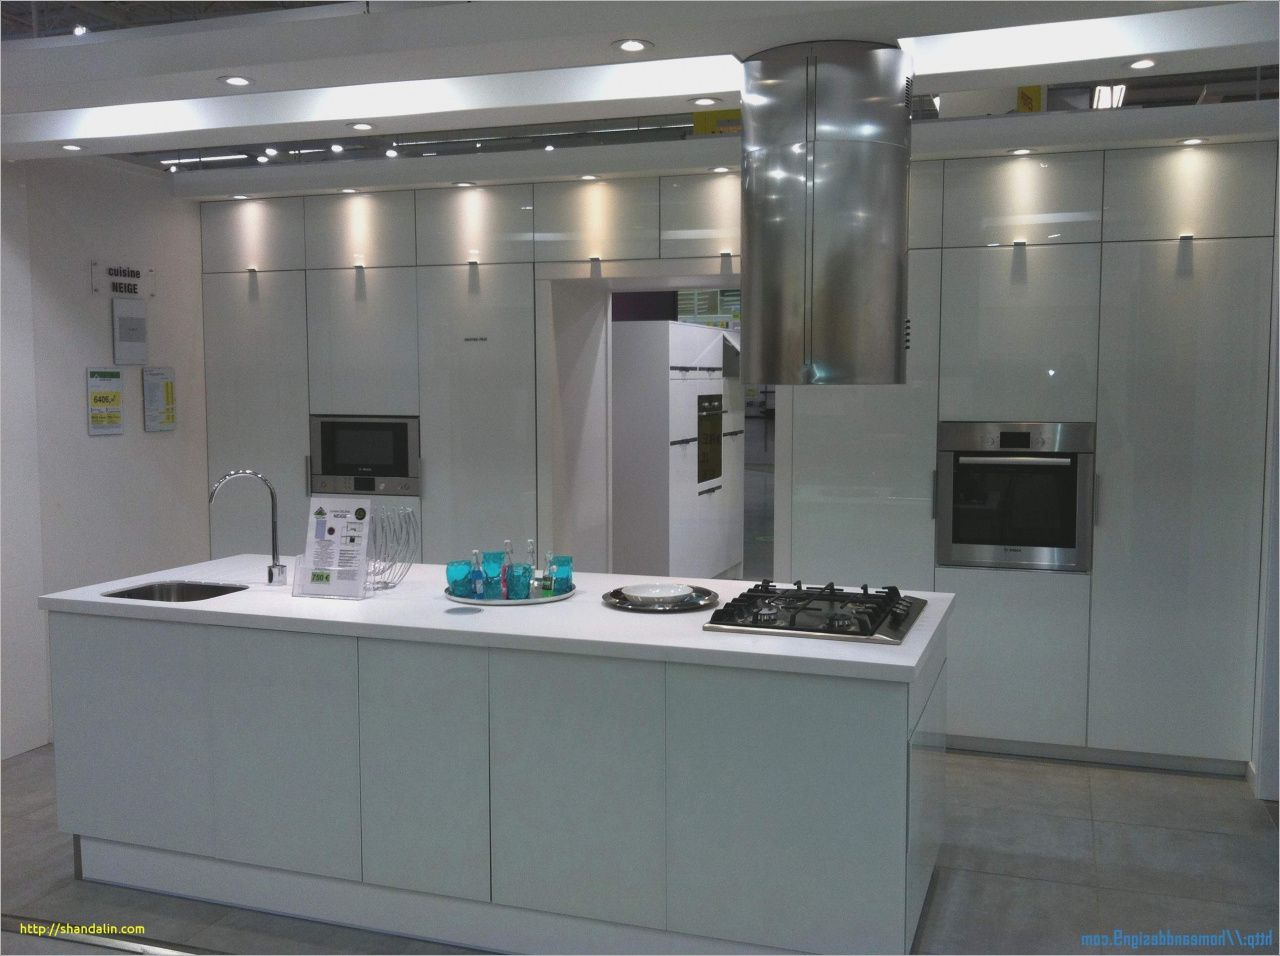 Mobilier De France Chalons En Champagne 50 brico depot chalons en champagne   bathtub, bathroom